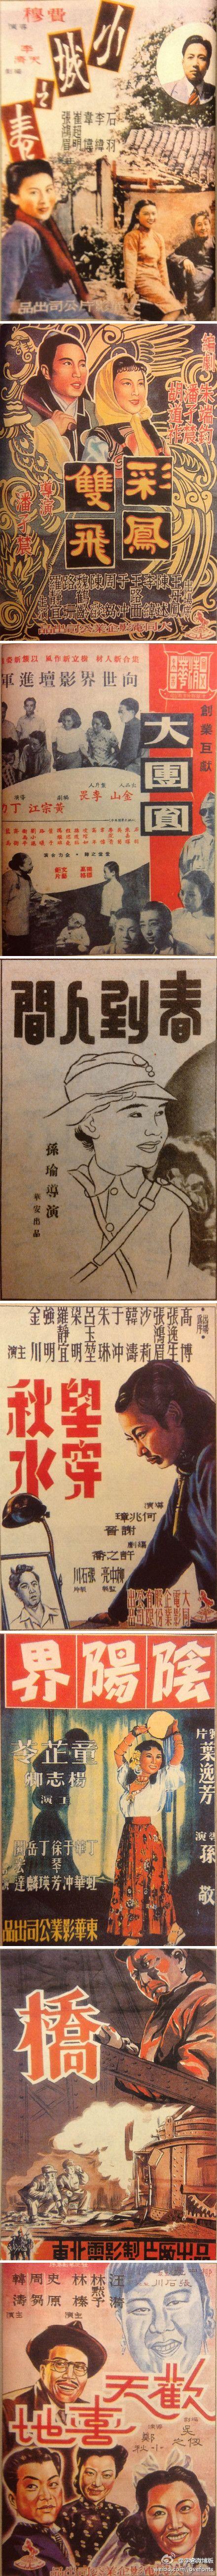 經典的電影海報美術字設計